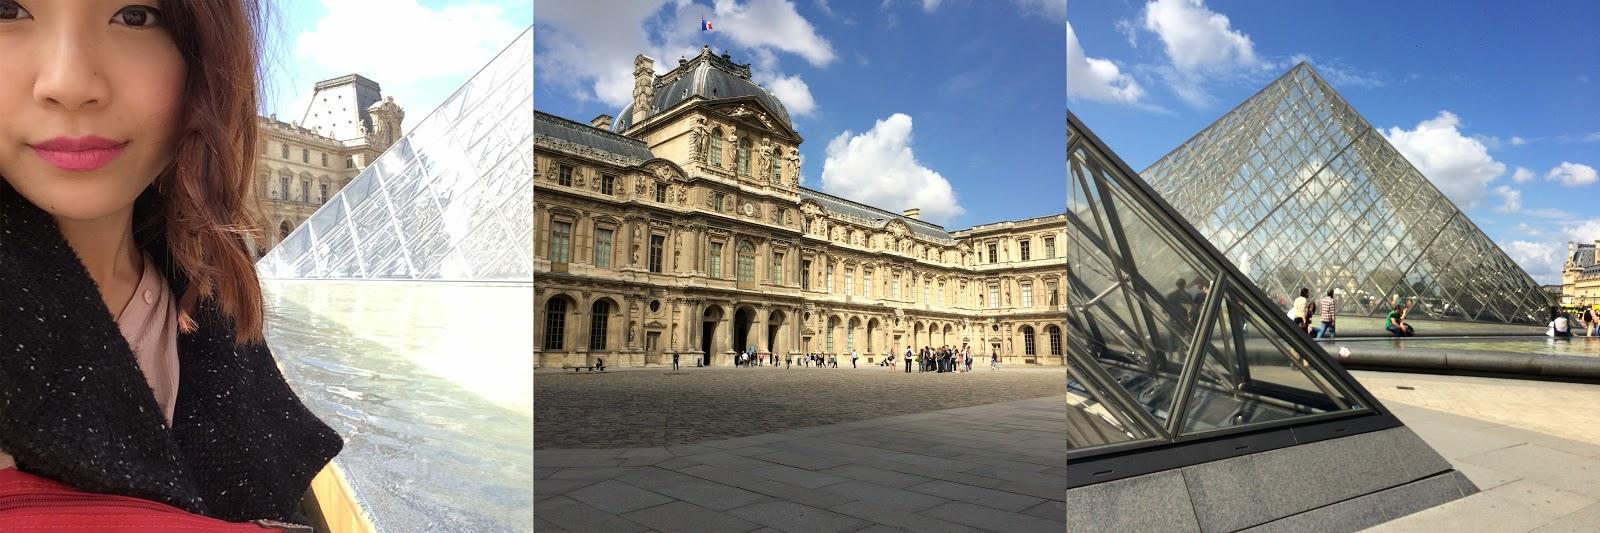 Louvre a zilion turistů   držející ve vzduchu   skleněné pyramidy 0cdec23cd7